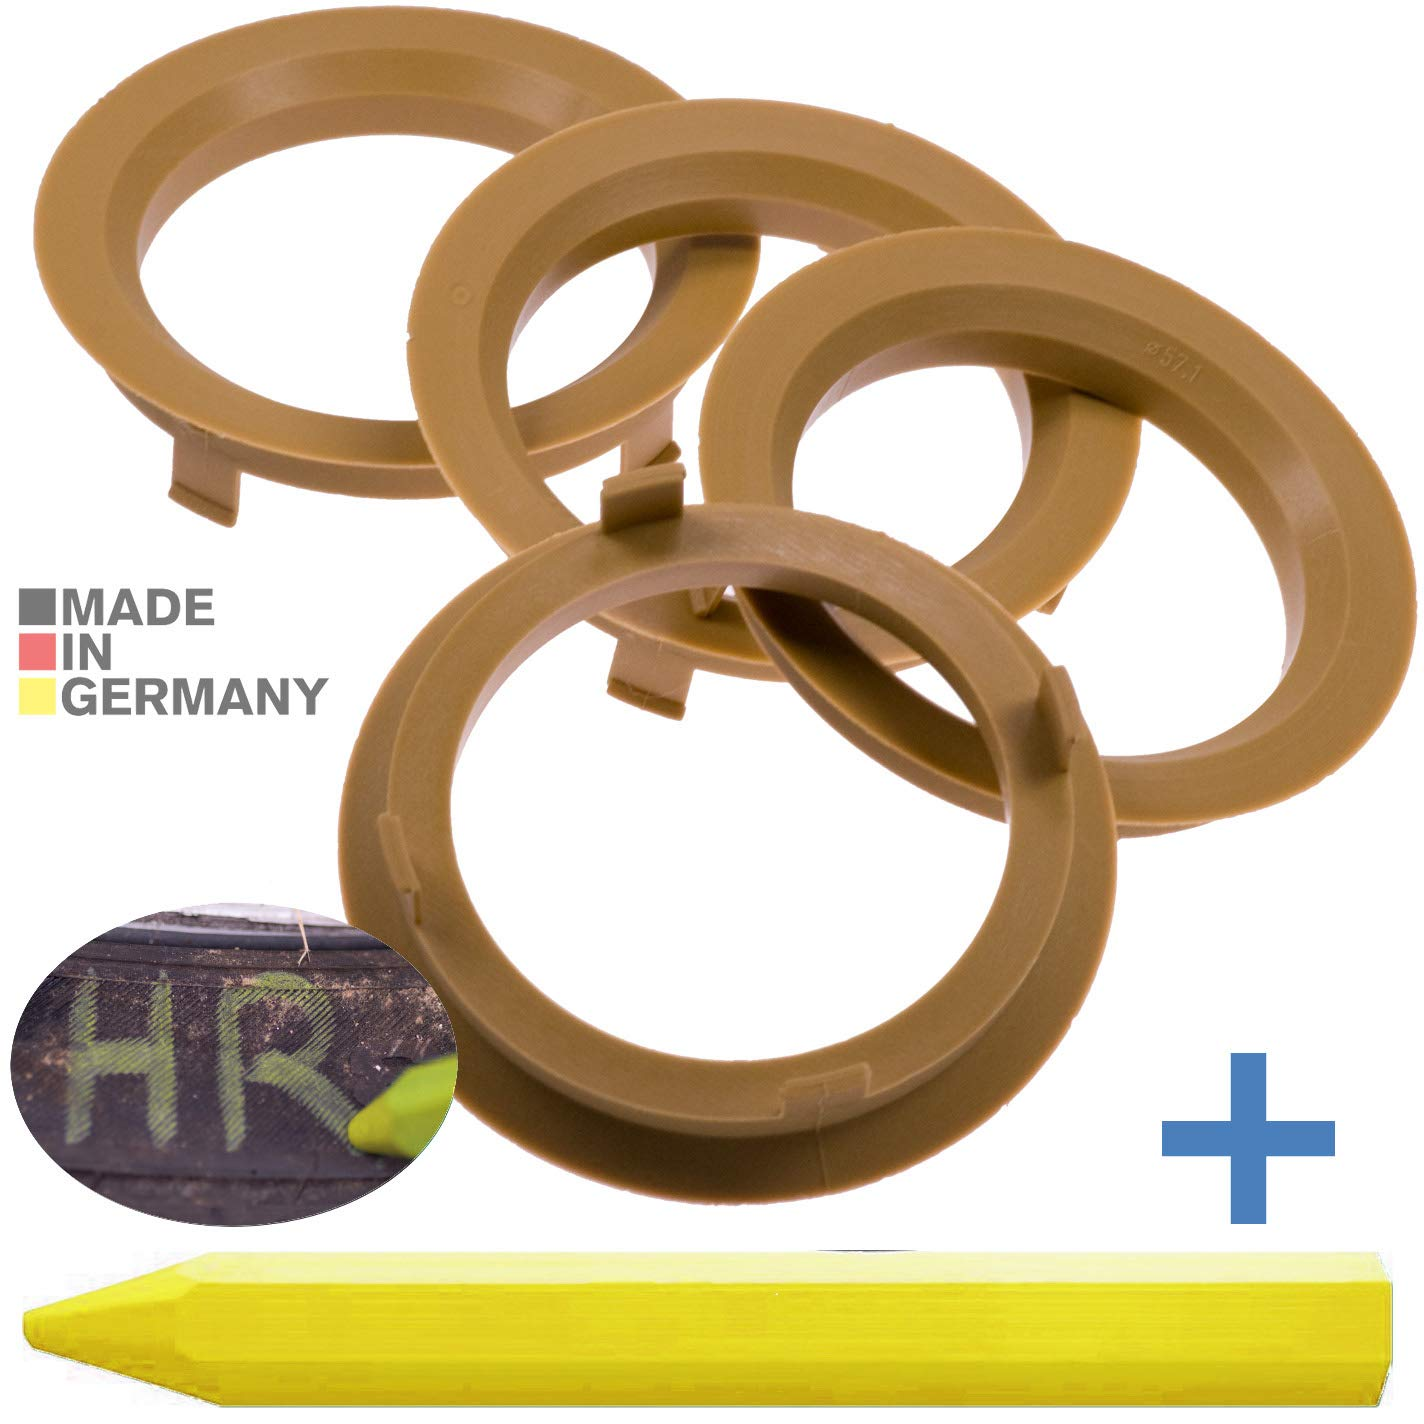 1x Pastello per Gomma e Pneumatici in Verde Prodotto in Germania RKC 4X Anelli di centraggio Marrone Chiaro 70,1 mm x 57,1 mm